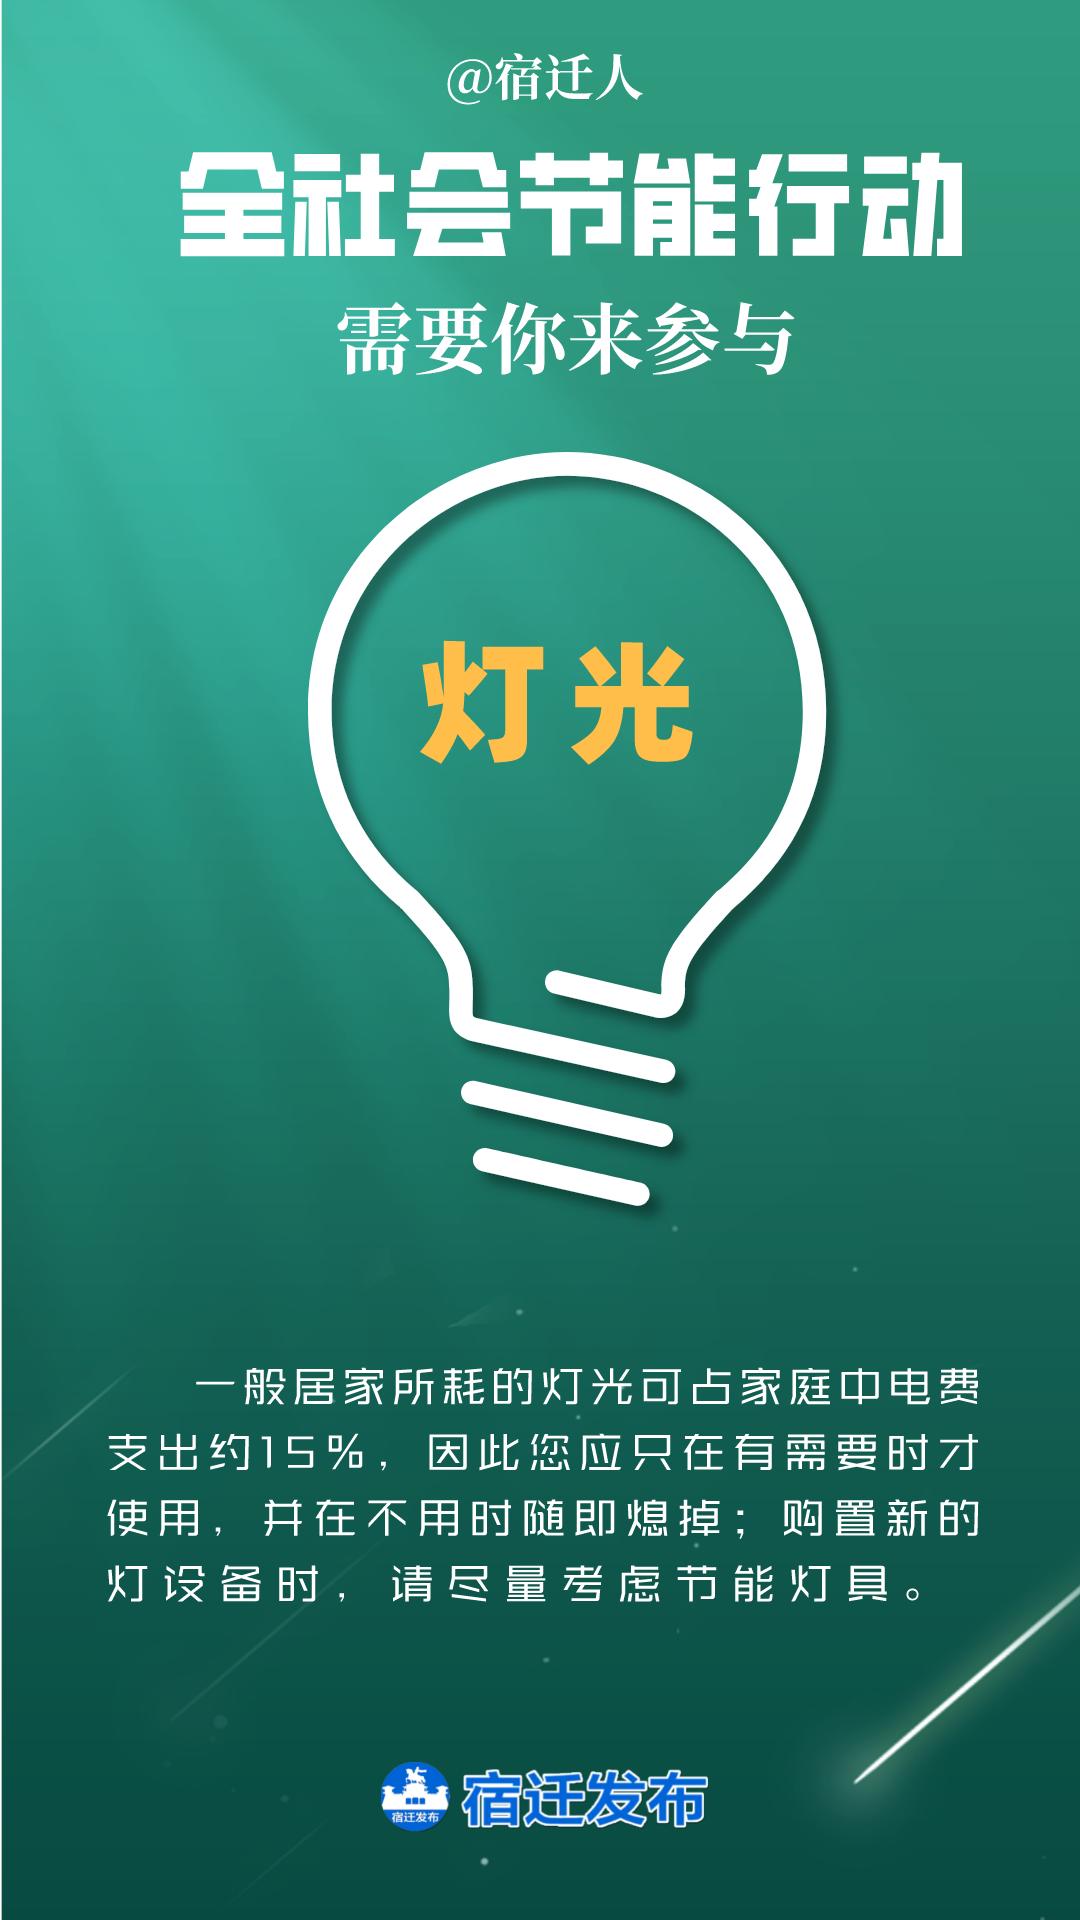 http://www.sqhuatong.com/wenhuayichan/24584.html